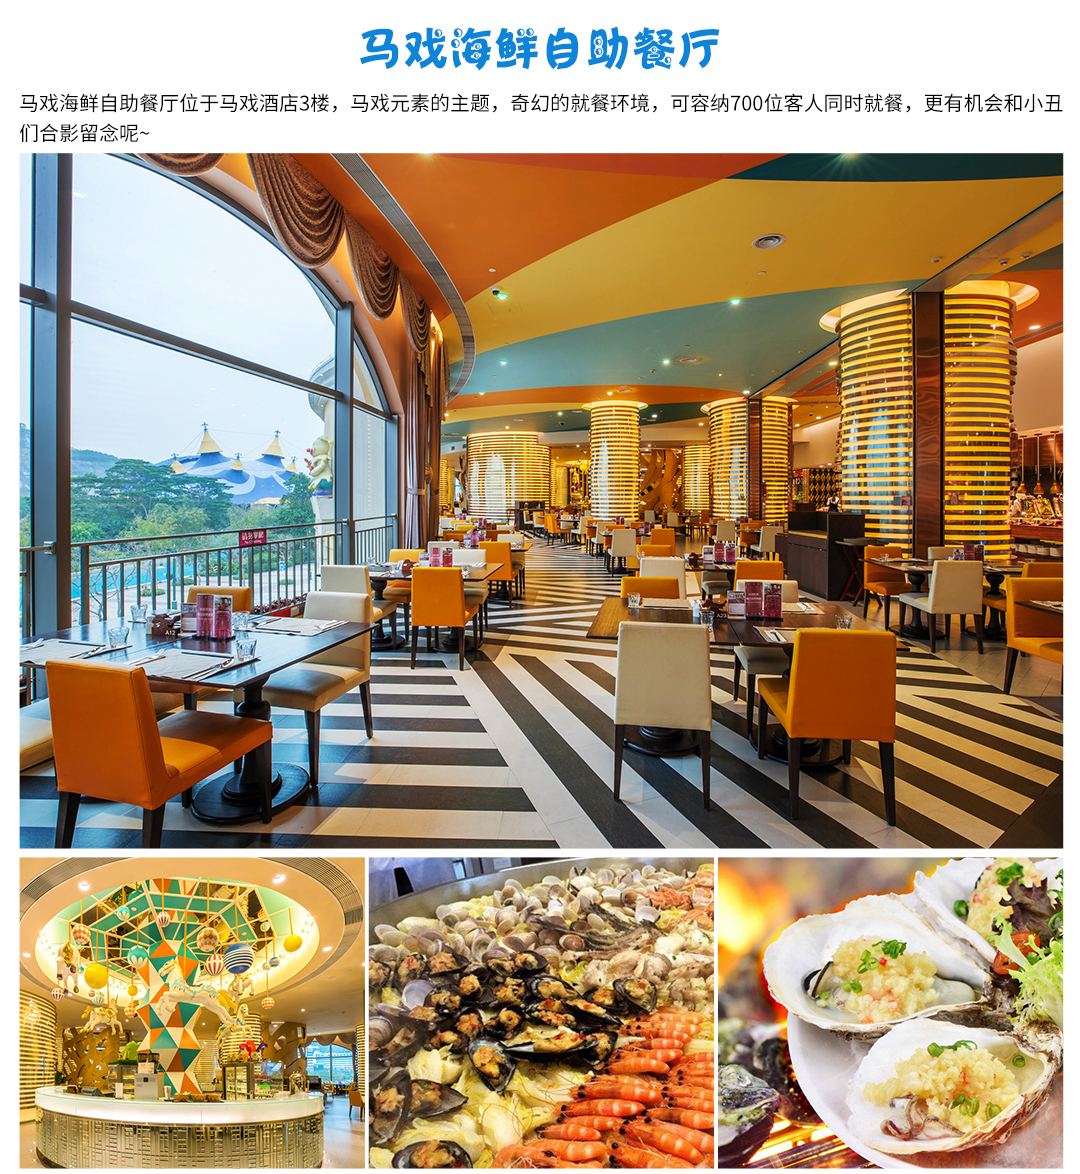 珠海长隆海洋度假区 迎海公寓酒店2天1晚/3天2晚度假套餐(酒店到景区